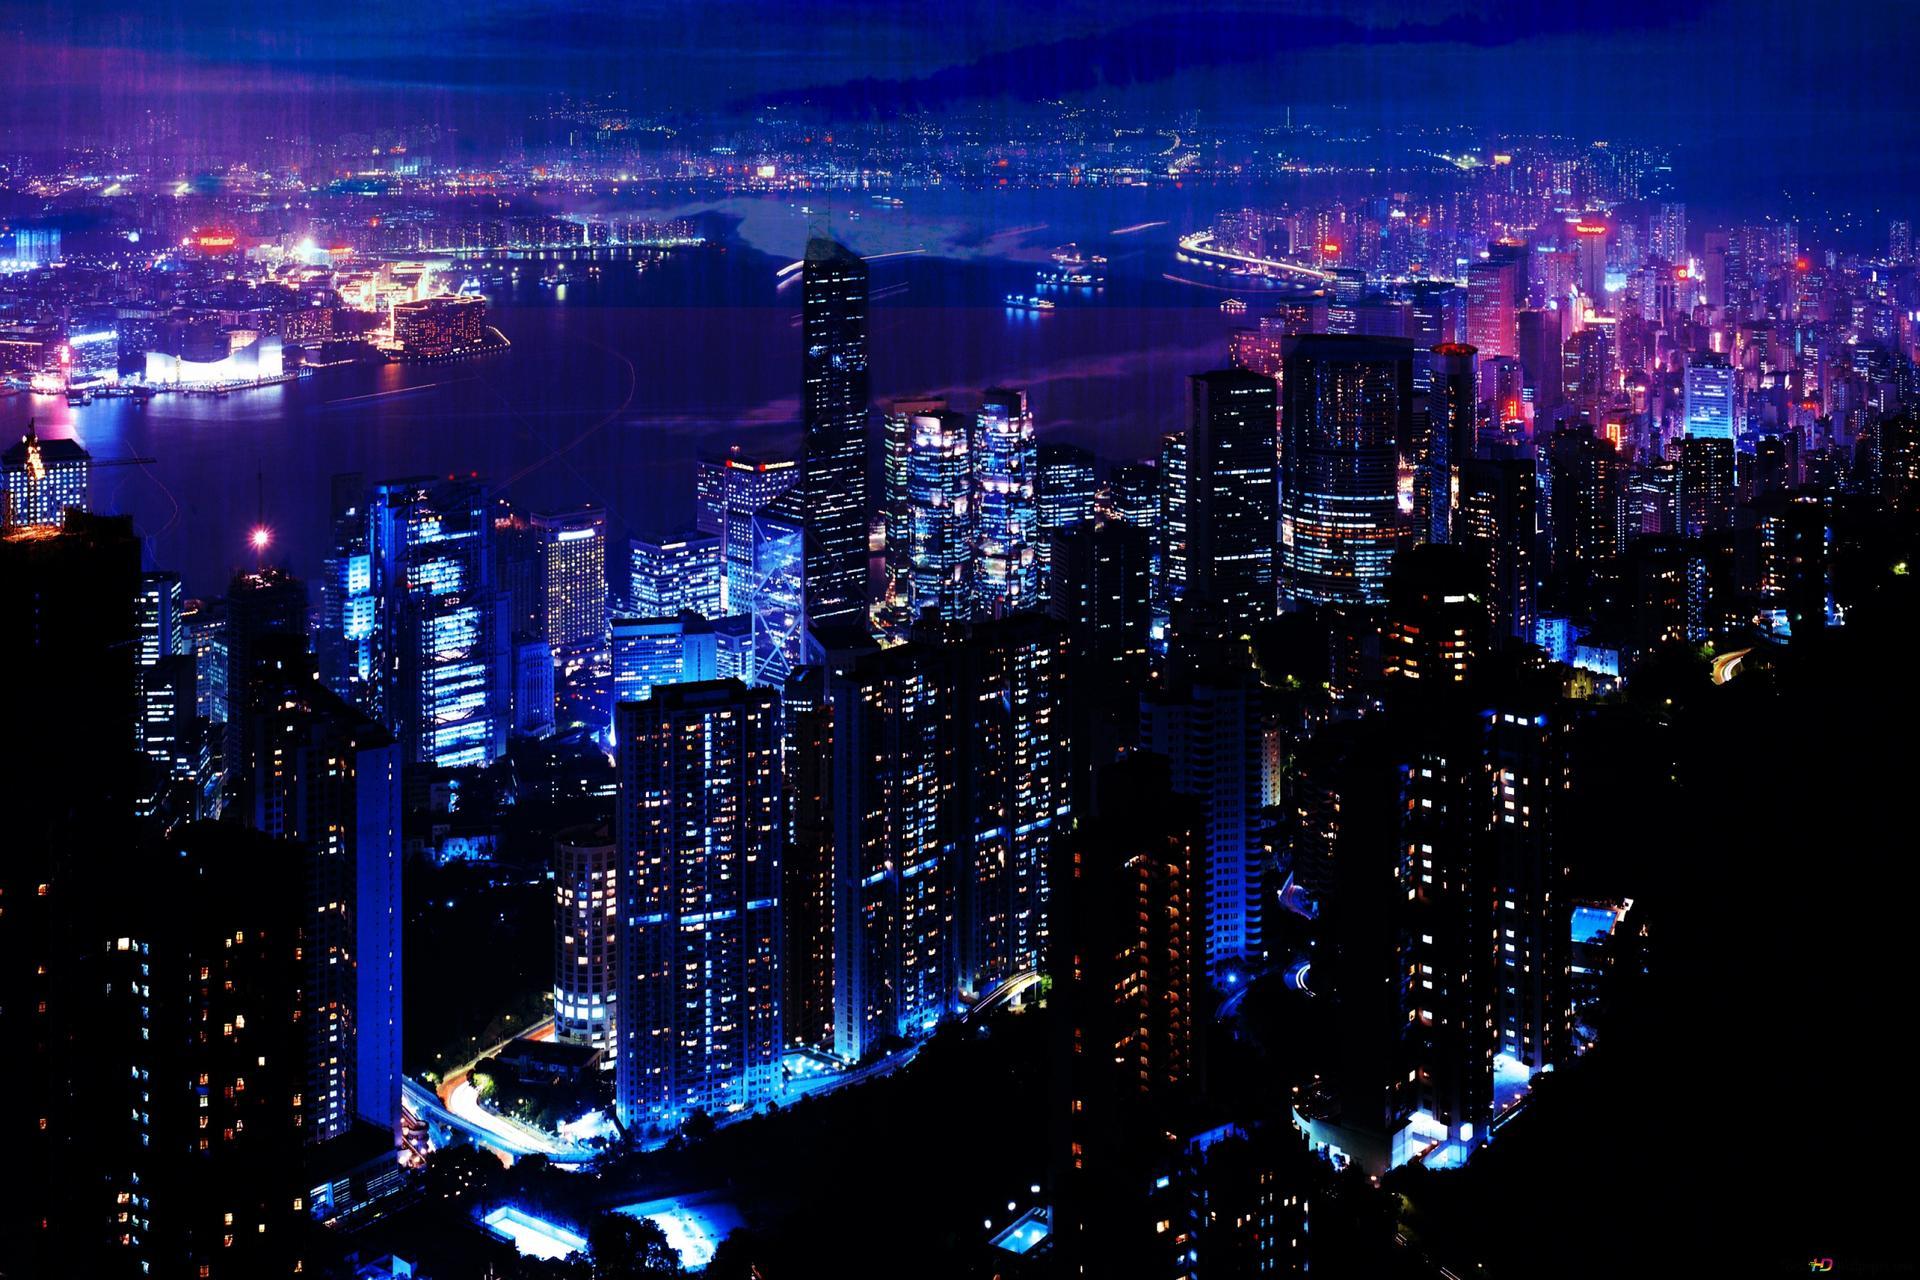 фото ночного города в отличном качестве нужно